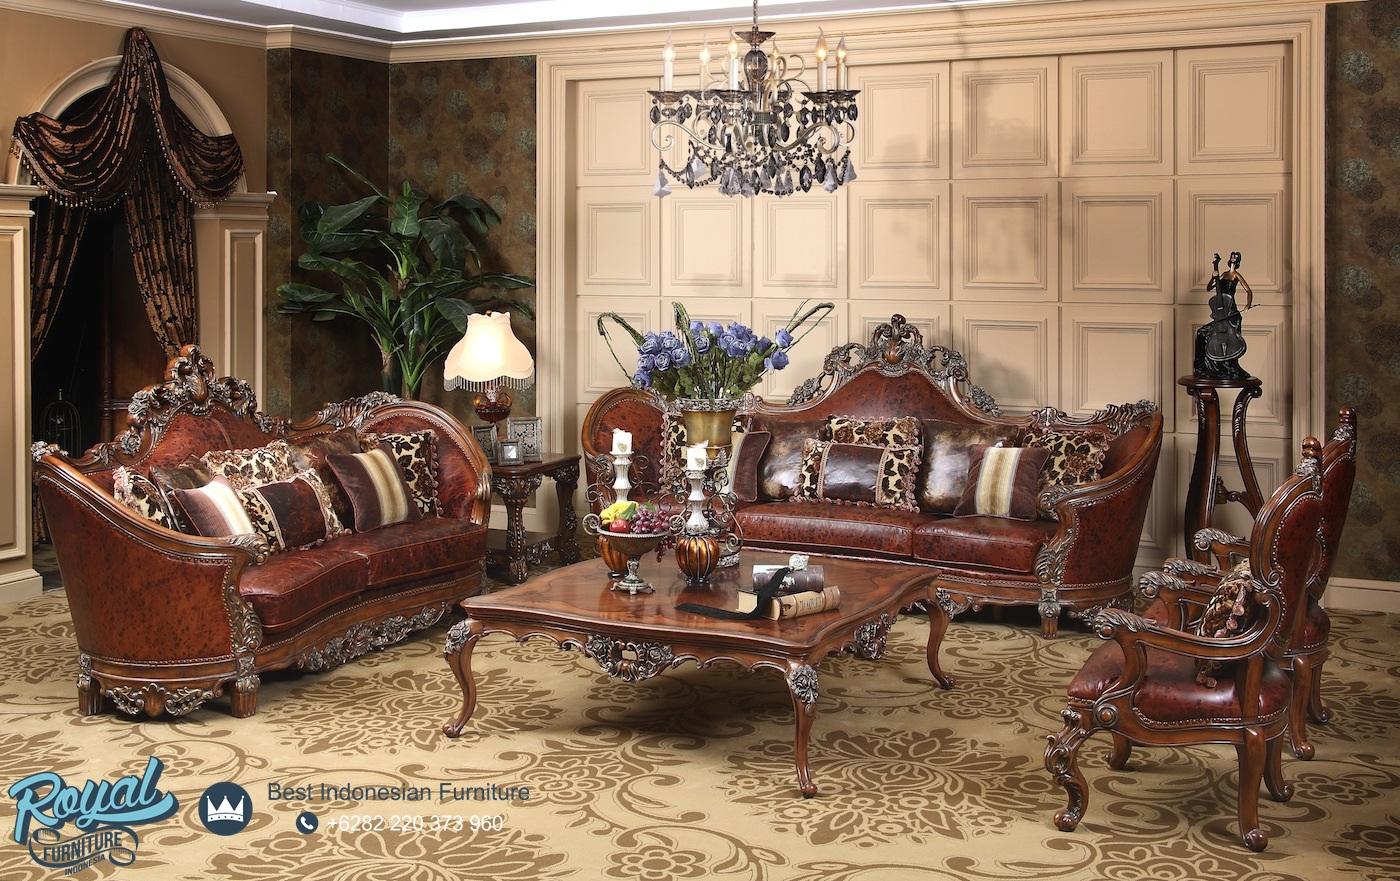 Set Sofa Tamu Mewah Klasik Ukiran Jepara Terbaru Raphaels, kursi sofa tamu mewah, sofa jati jepara, furniture mebel jati jepara, kursi tamu, kursi tamu mewah, set sofa tamu mewah, set sofa tamu klasik, model sofa tamu mewah terbaru, desain sofa tamu kayu jati klasik jepara, sofa tamu ukir jati jepara, harga sofa tamu ukiran murah, sofa tamu jepara terbaru, sofa ruang tamu klasik, sofa mewah terbaru jepara, sofa mewah kulit jati jepara, model sofa mewah dan elegan, sofa mewah klasik, sofa ruang tamu modern, kursi sofa tamu klasik jepara, jual sofa tamu jati jepara ukir klasik, furniture jepara, mebel jepara, pusat furniture jepara, furniture jepara store, royal furniture, royal furniture jepara, royal furniture indonesia